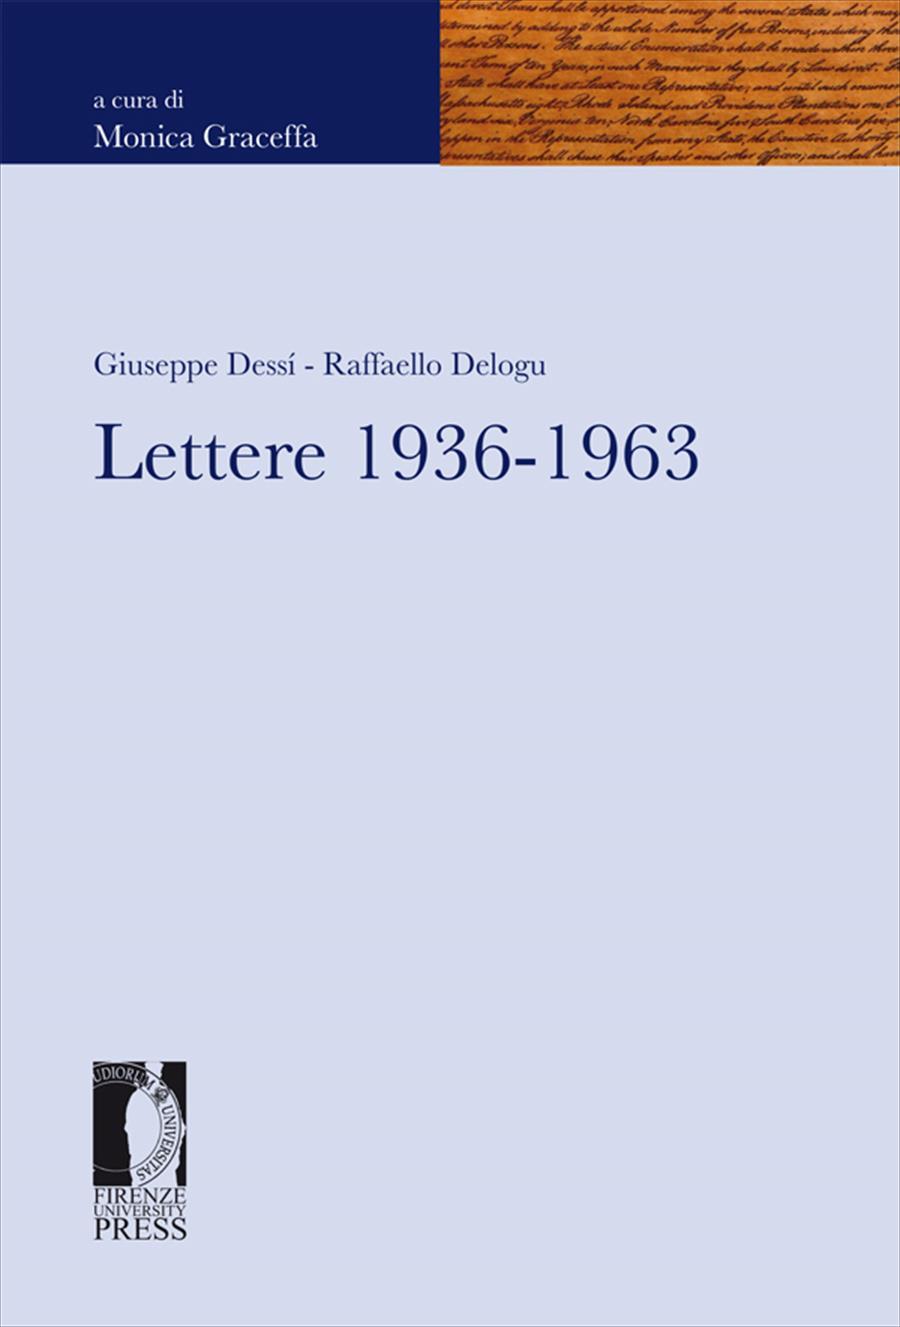 Lettere 1936-1963